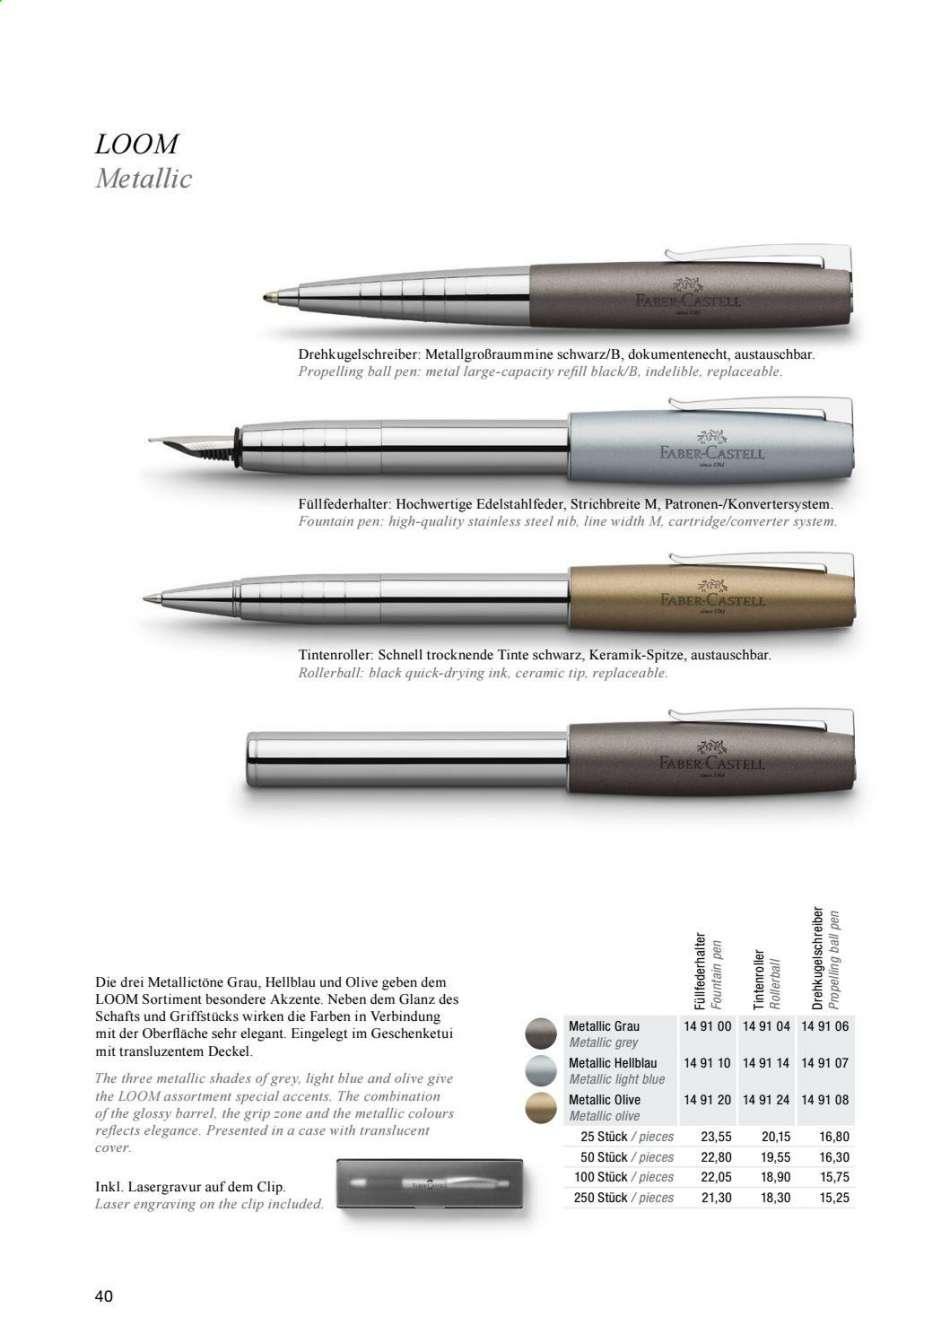 Faber-Castell Aktuelle Prospekte | Rabatt-Kompass.de in Faber Castell Tinte Dokumentenecht